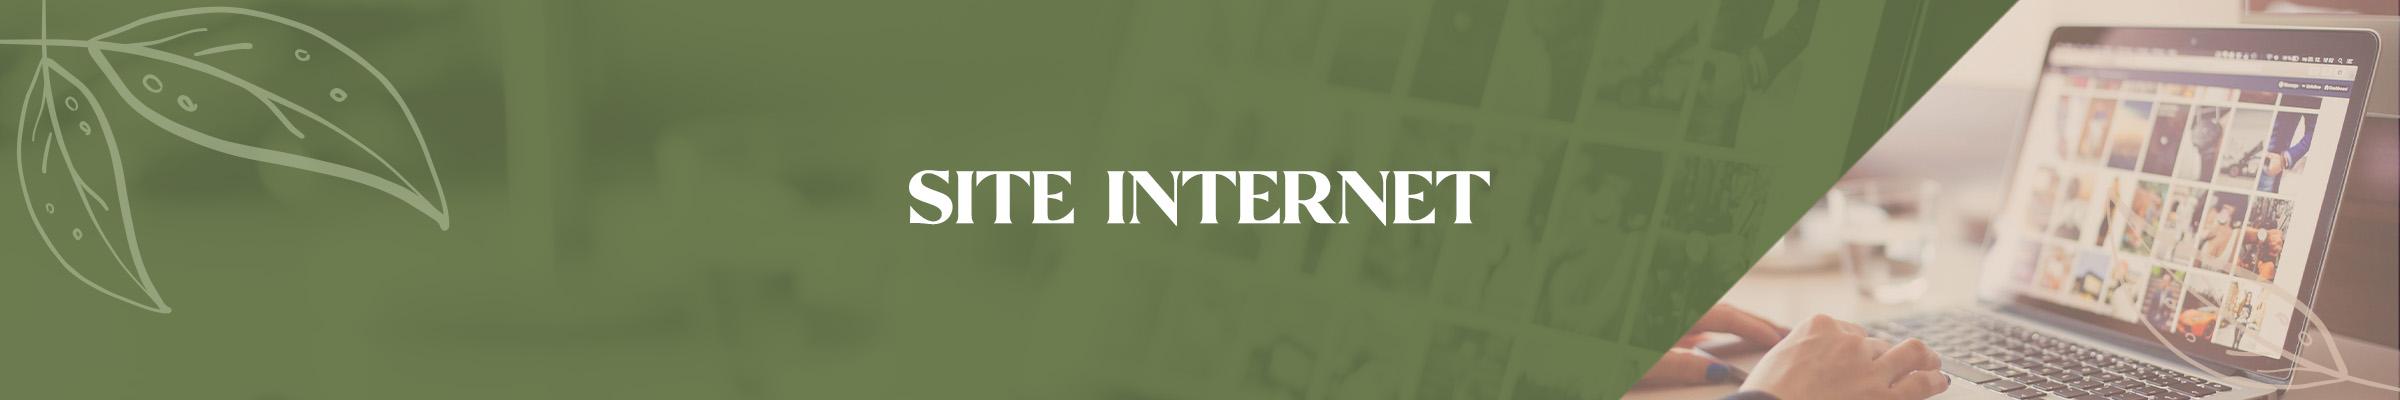 Campagne - Bannière Site Internet